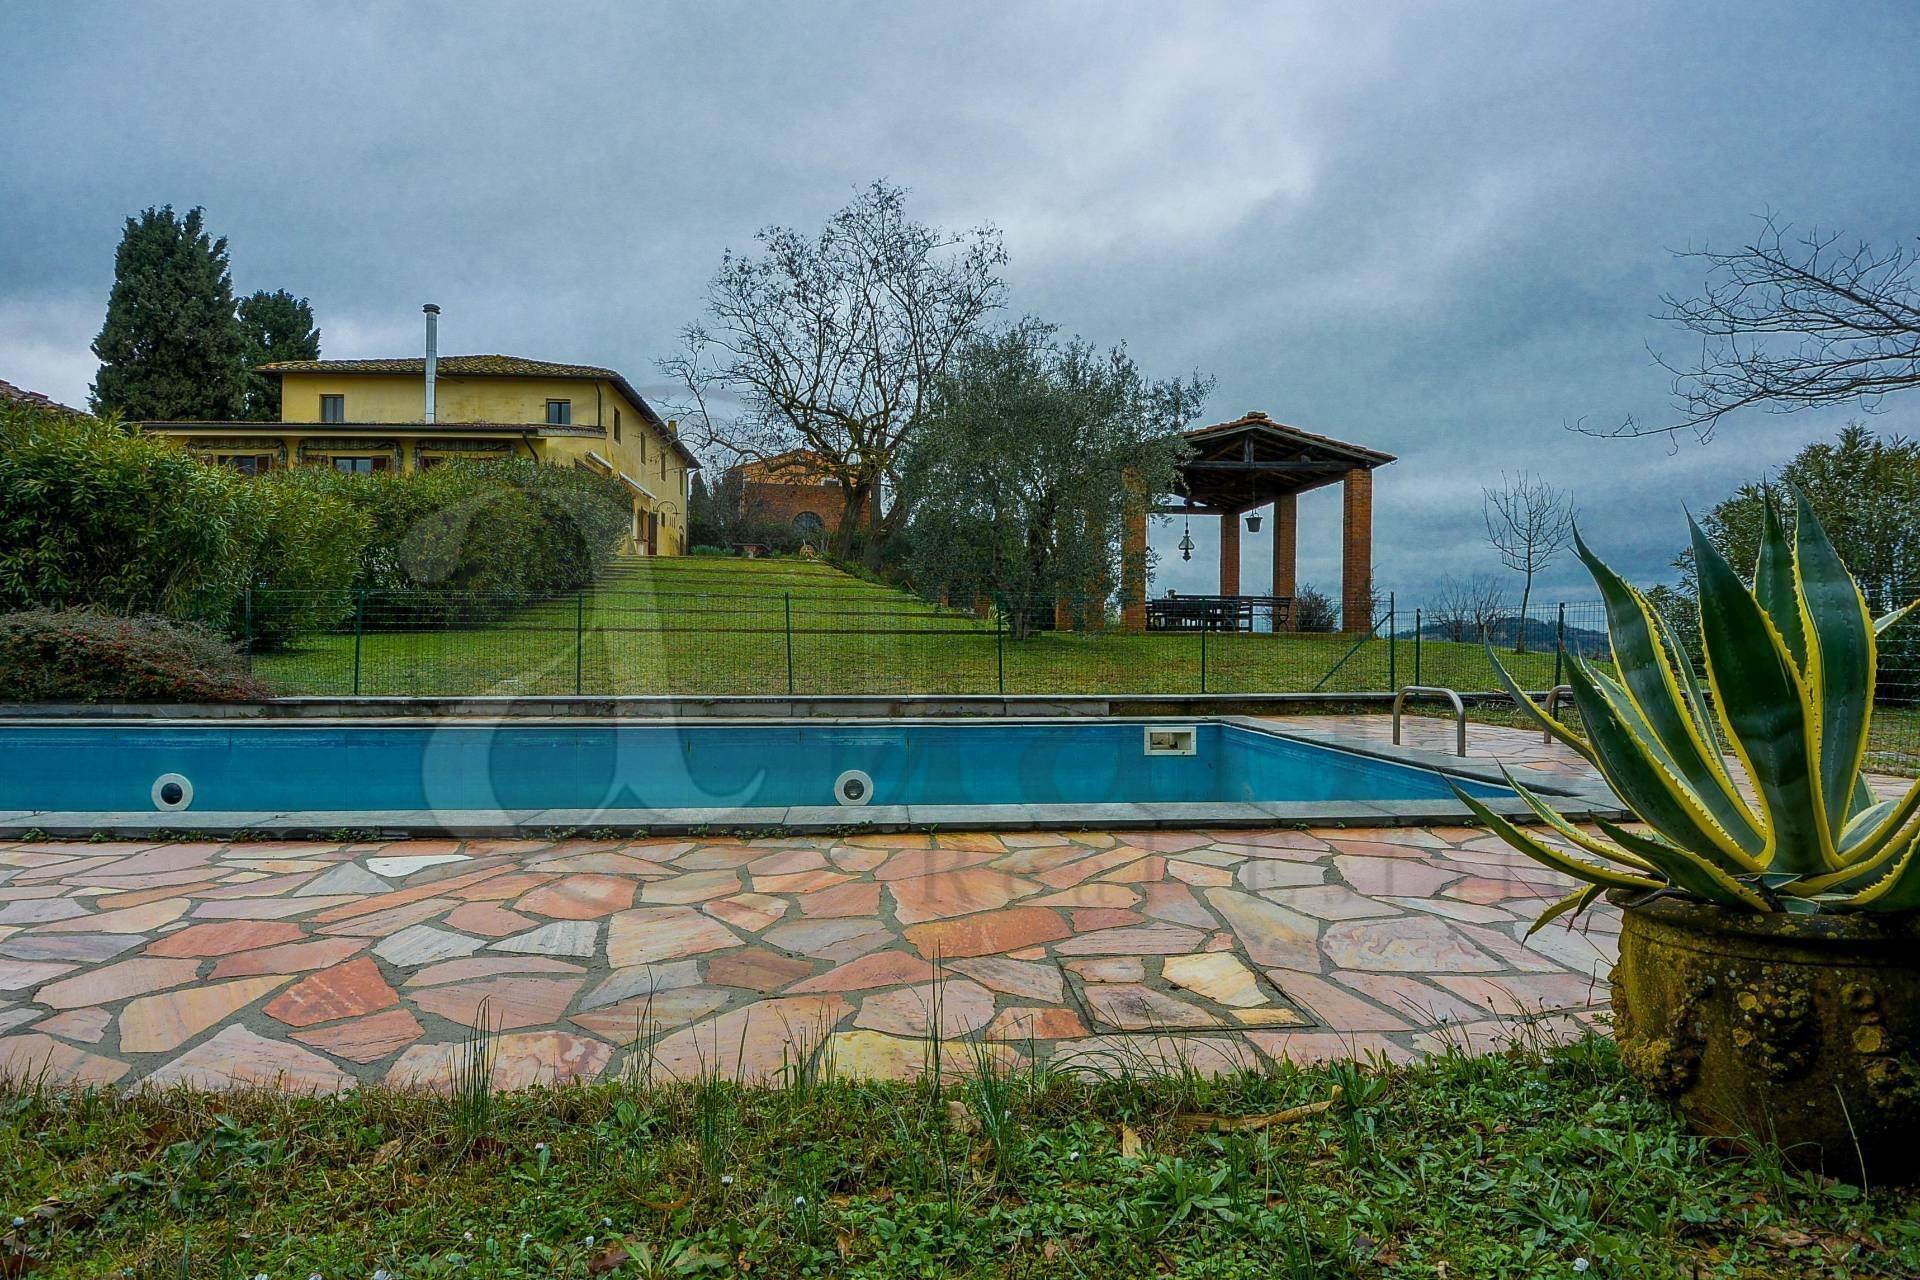 Farm Ranch in Tuscany, Italy 1